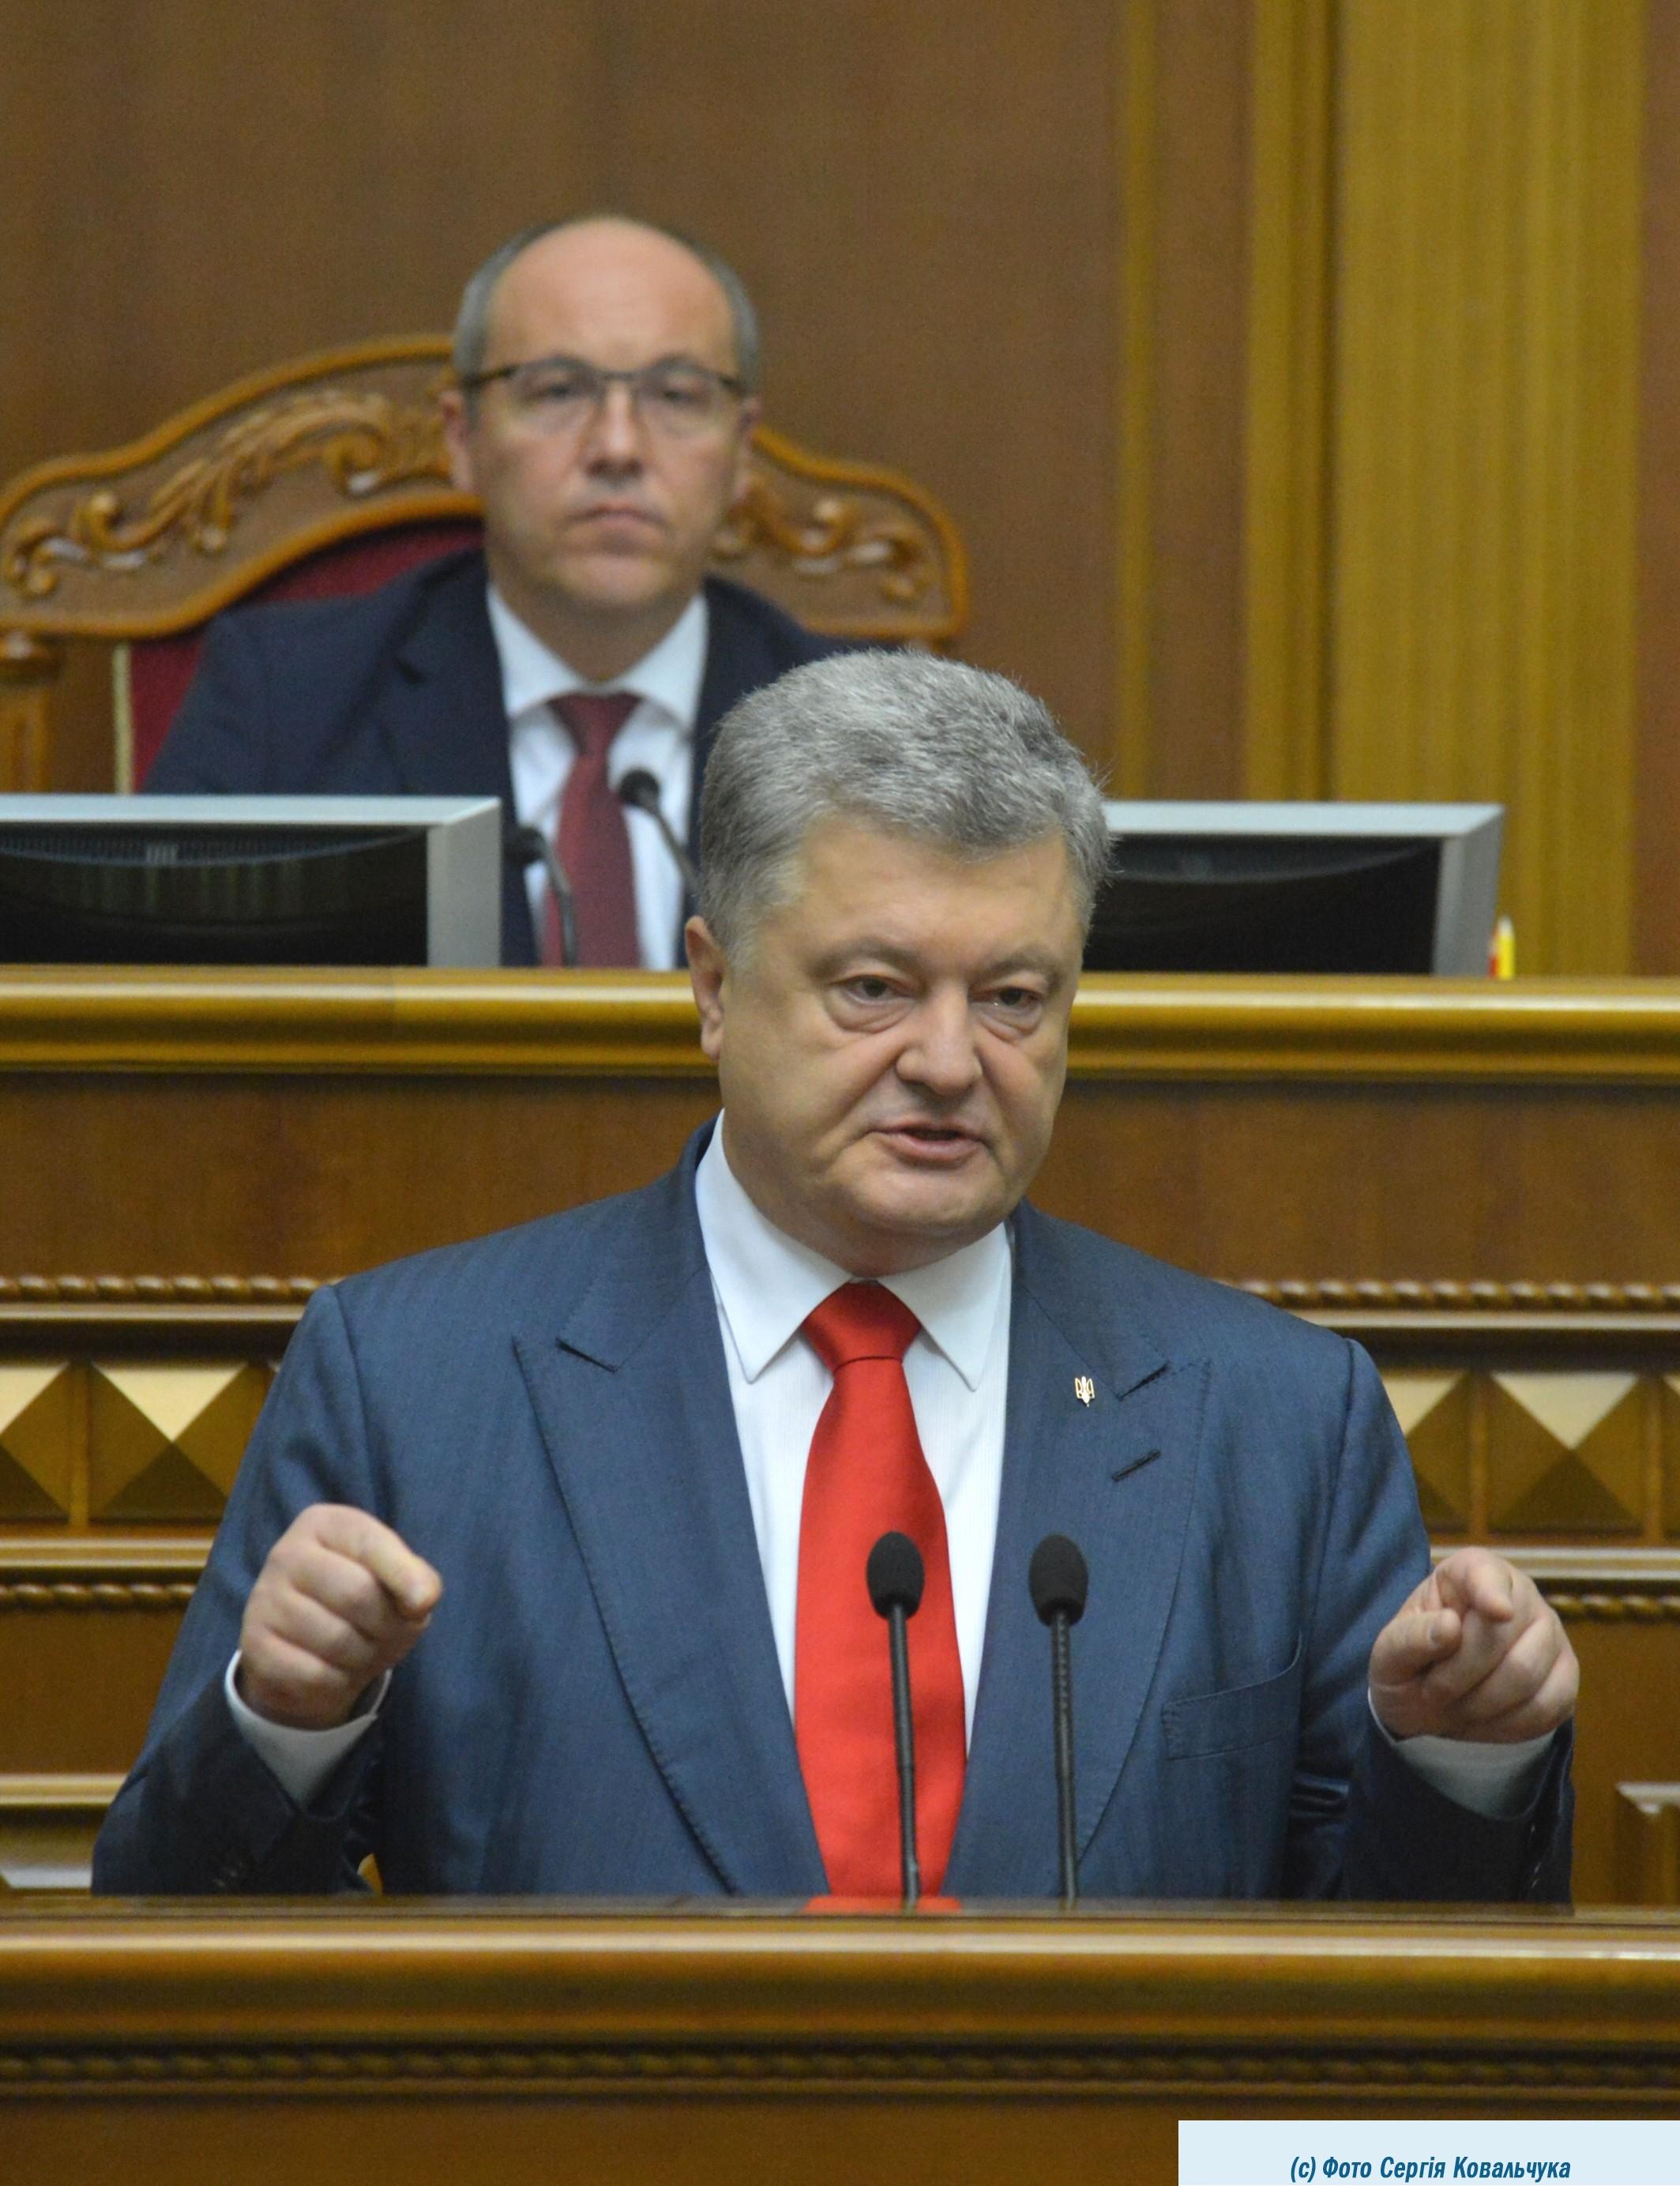 Петро Порошенко звернувся до Верховної Ради зі Щорічним посланням про внутрішнє і зовнішнє становище України